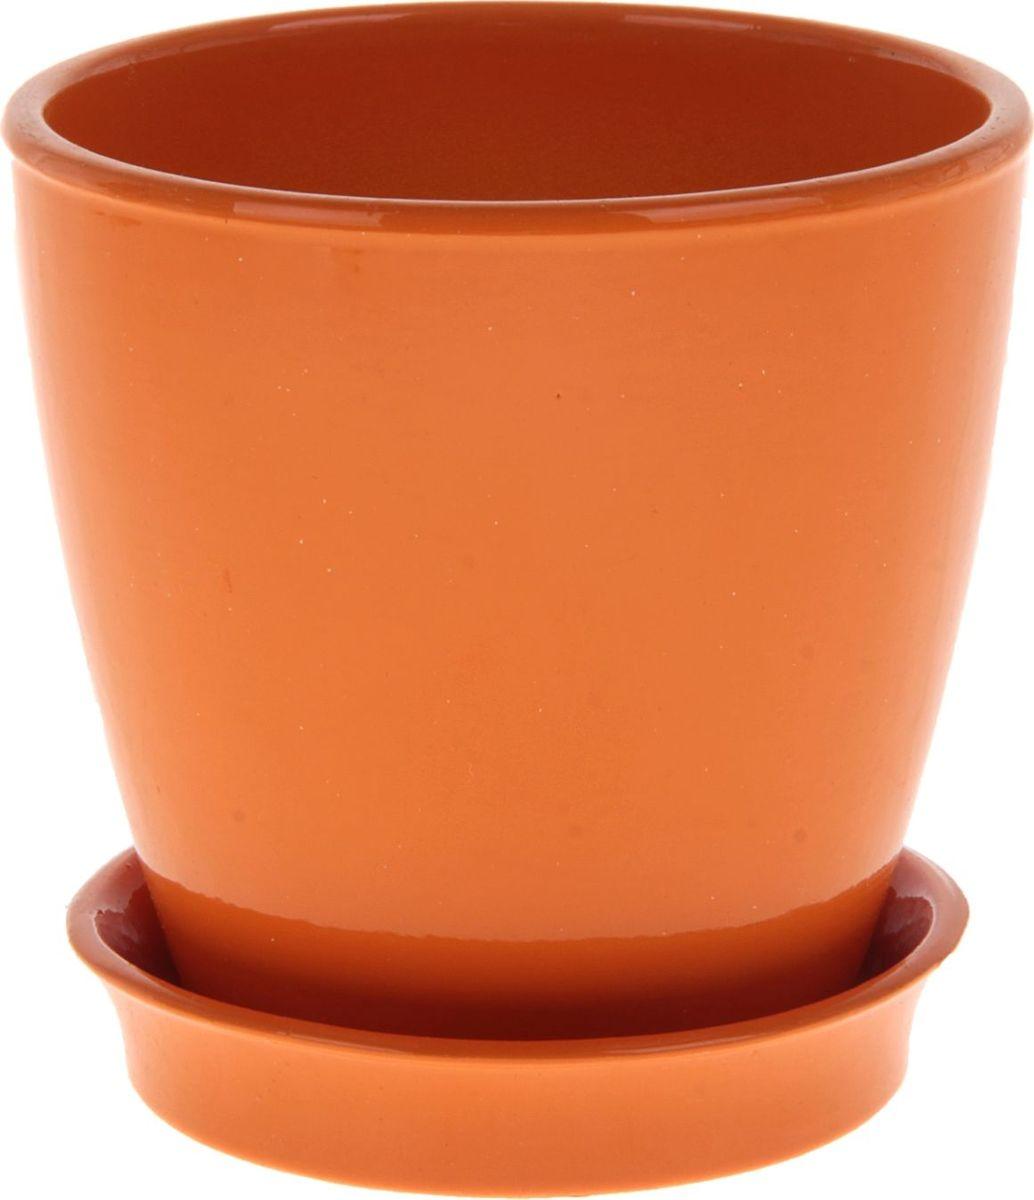 Кашпо Керамика ручной работы Виктория, цвет: оранжевый, 0,6 л825103Кашпо серии «Каменный цветок» выполнено из белой глины методом формовки и покрыто лаком. Керамическая емкость имеет объем, оптимальный для создания наилучших условий развития большинства растений. Устойчивый глубокий поддон защитит поверхность стола или подставки от жидкости. Благодаря строгим стандартам производства изделия отличаются правильной формой, отсутствием дефектов, имеют достаточную тяжесть для надежной фиксации конструкции. Окраска моделей не восприимчива к прямым солнечным лучам, а в цветовой гамме преобладают яркие и насыщенные оттенки. Красота, удобство и долговечность кашпо серии «Каменный цветок» порадует любителей высококачественных аксессуаров для комнатных растений.